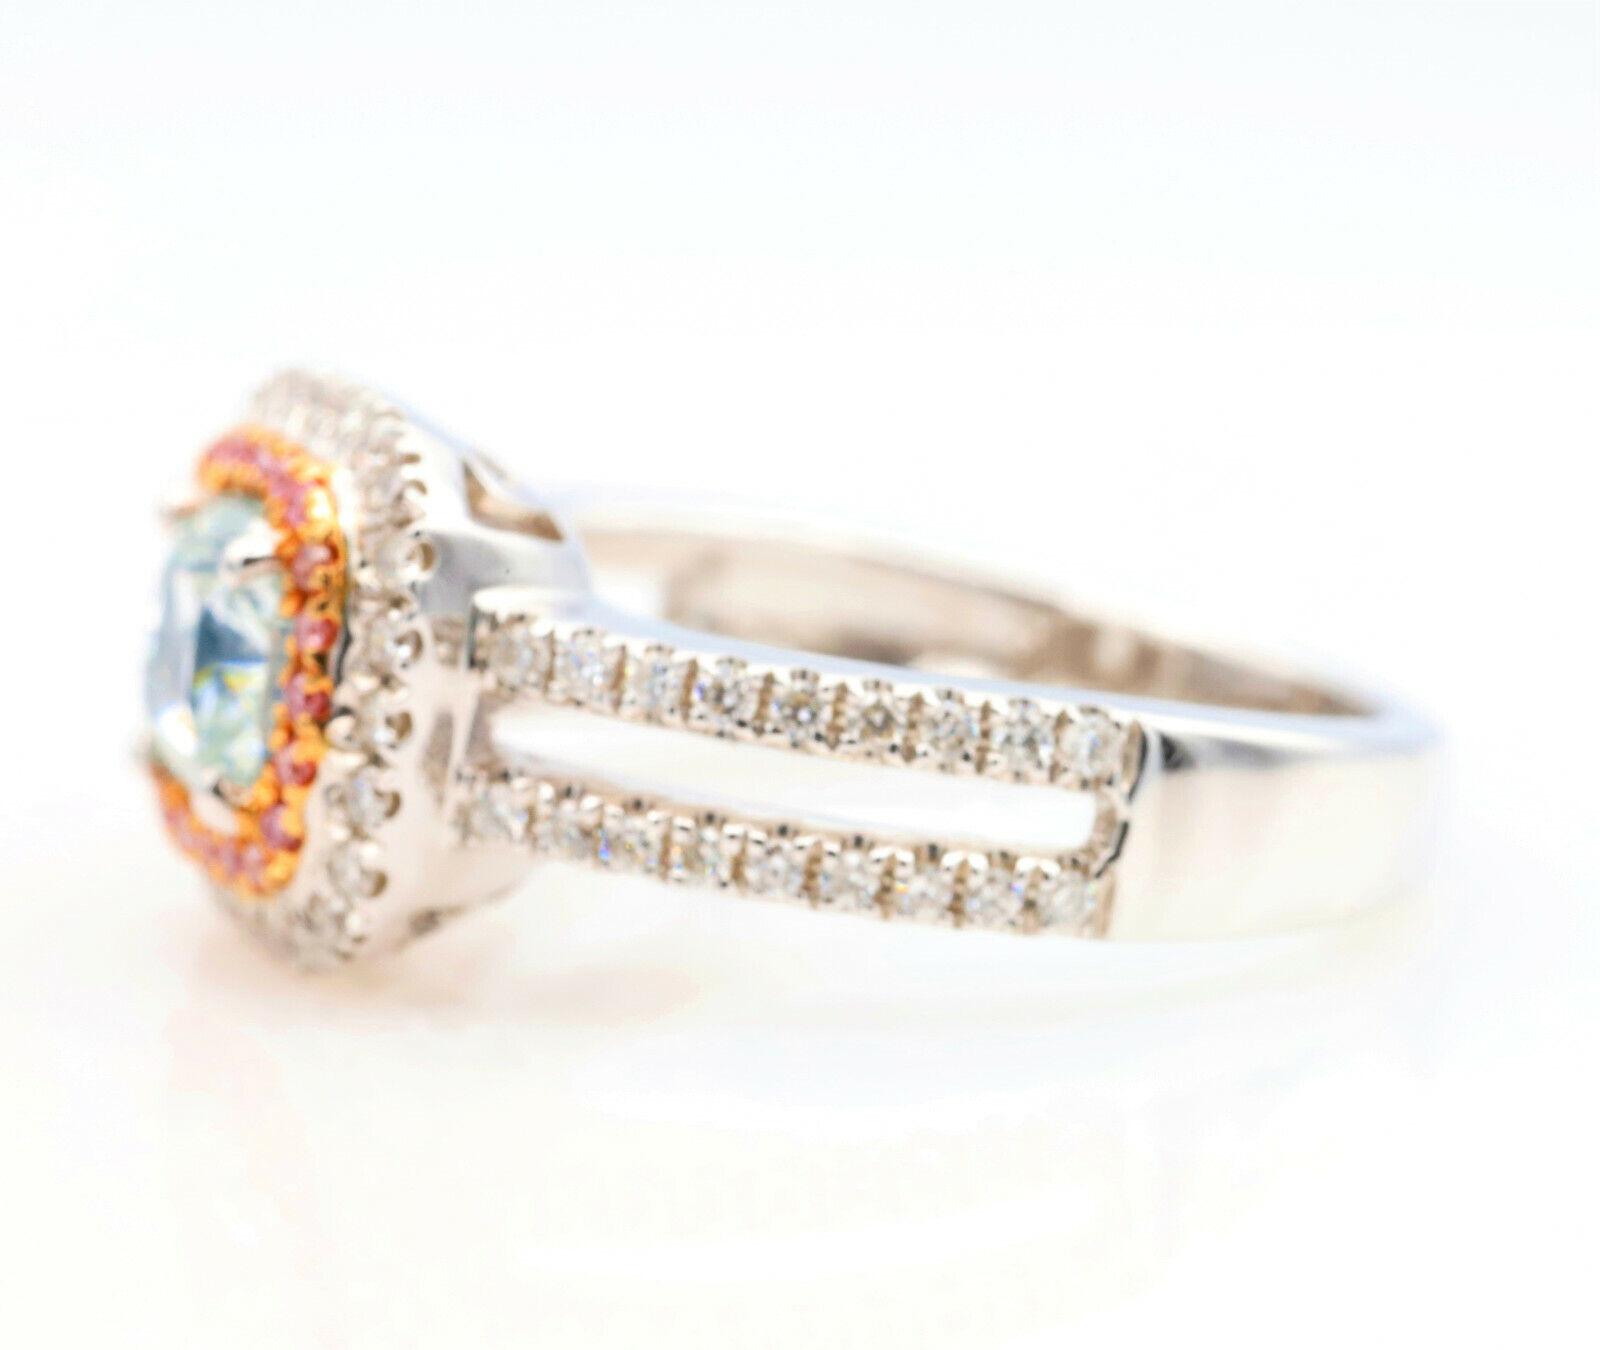 1.50ct Natural Fancy Light Green Argyle ntense Pink Diamonds Engagement Ring GIA 3